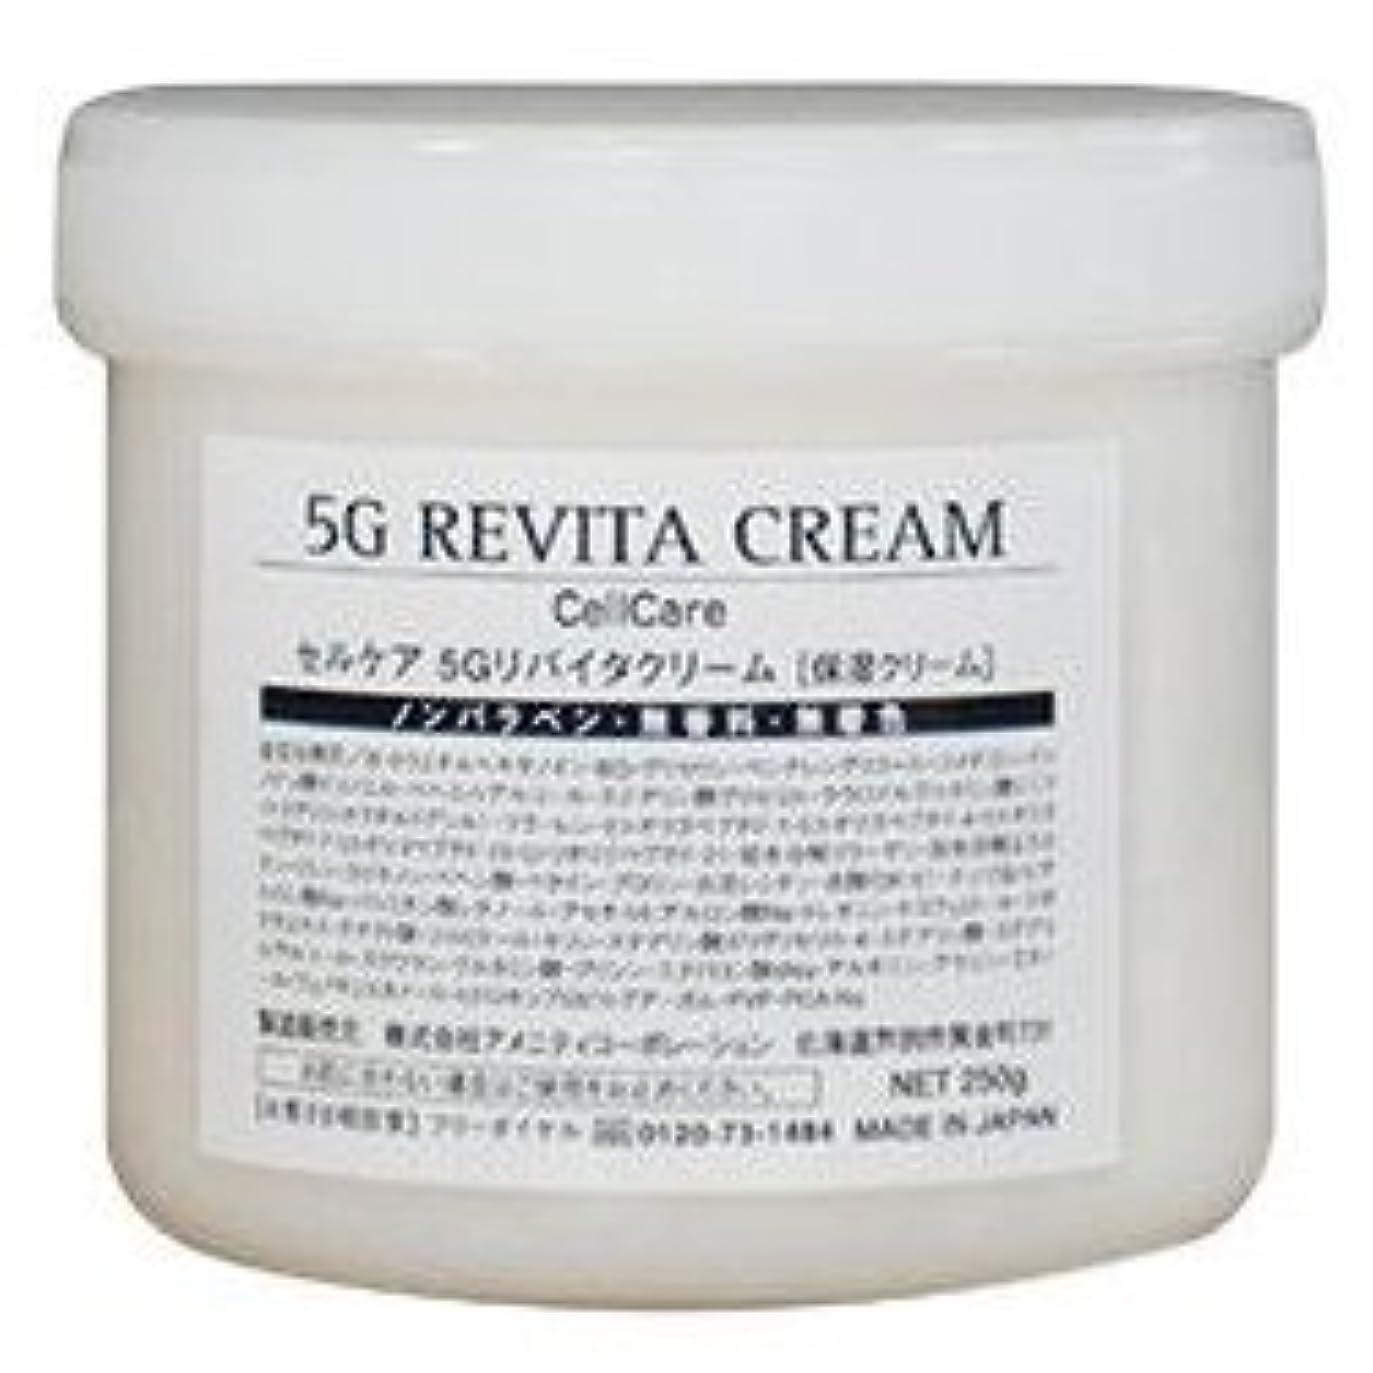 サーバ吸収するとは異なりセルケアGF プレミアム 5Gリバイタルクリーム 保湿クリーム お徳用250g